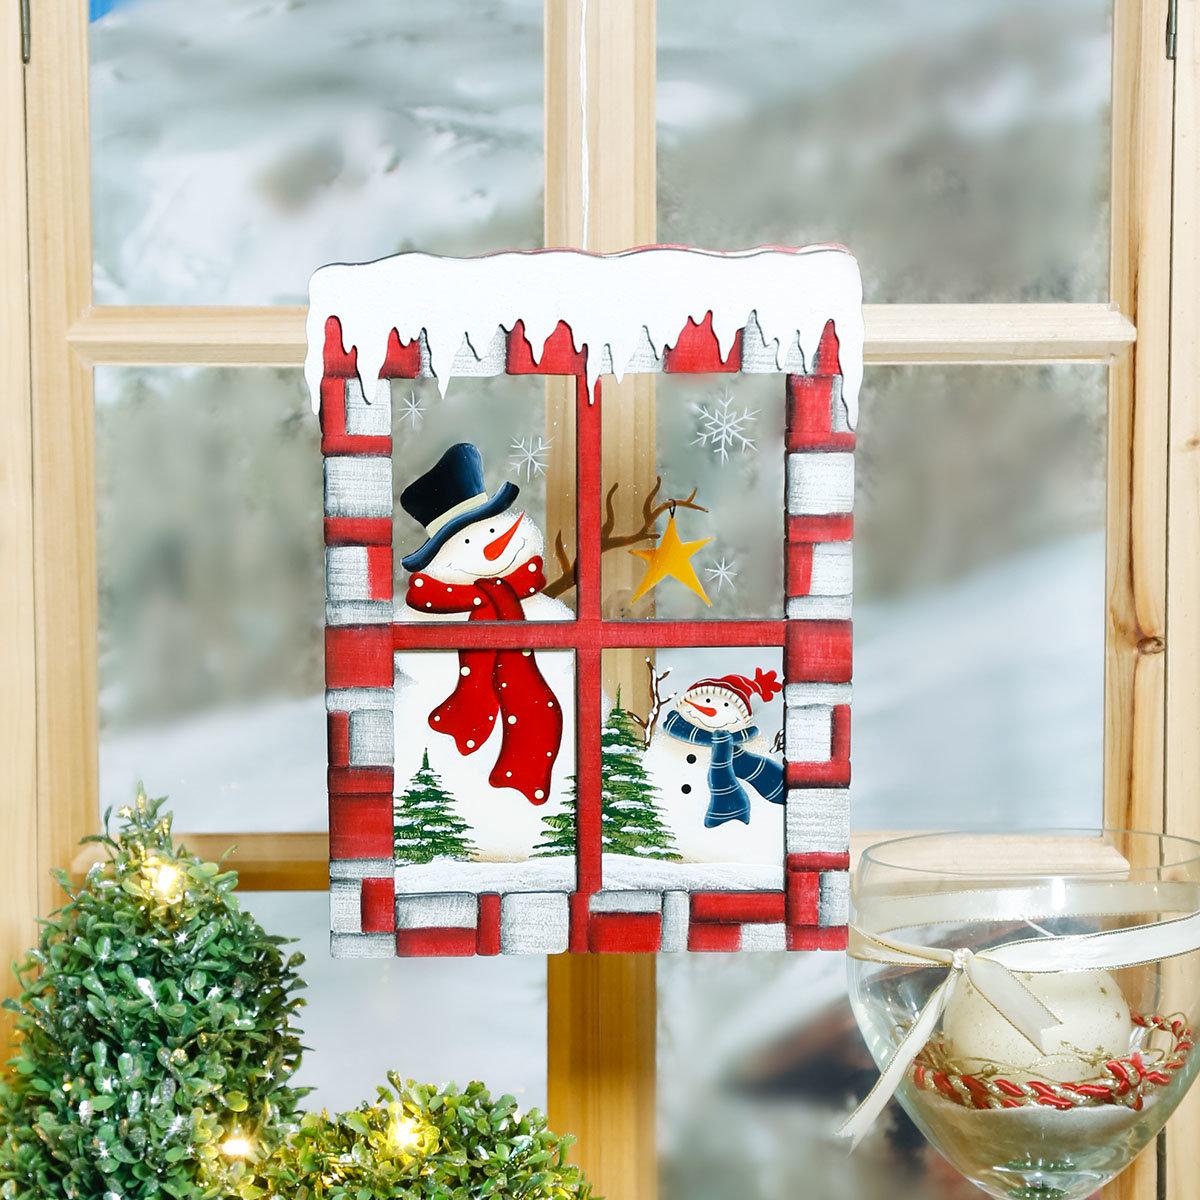 Weihnachts-Fensterbild Schneegestöber | #2